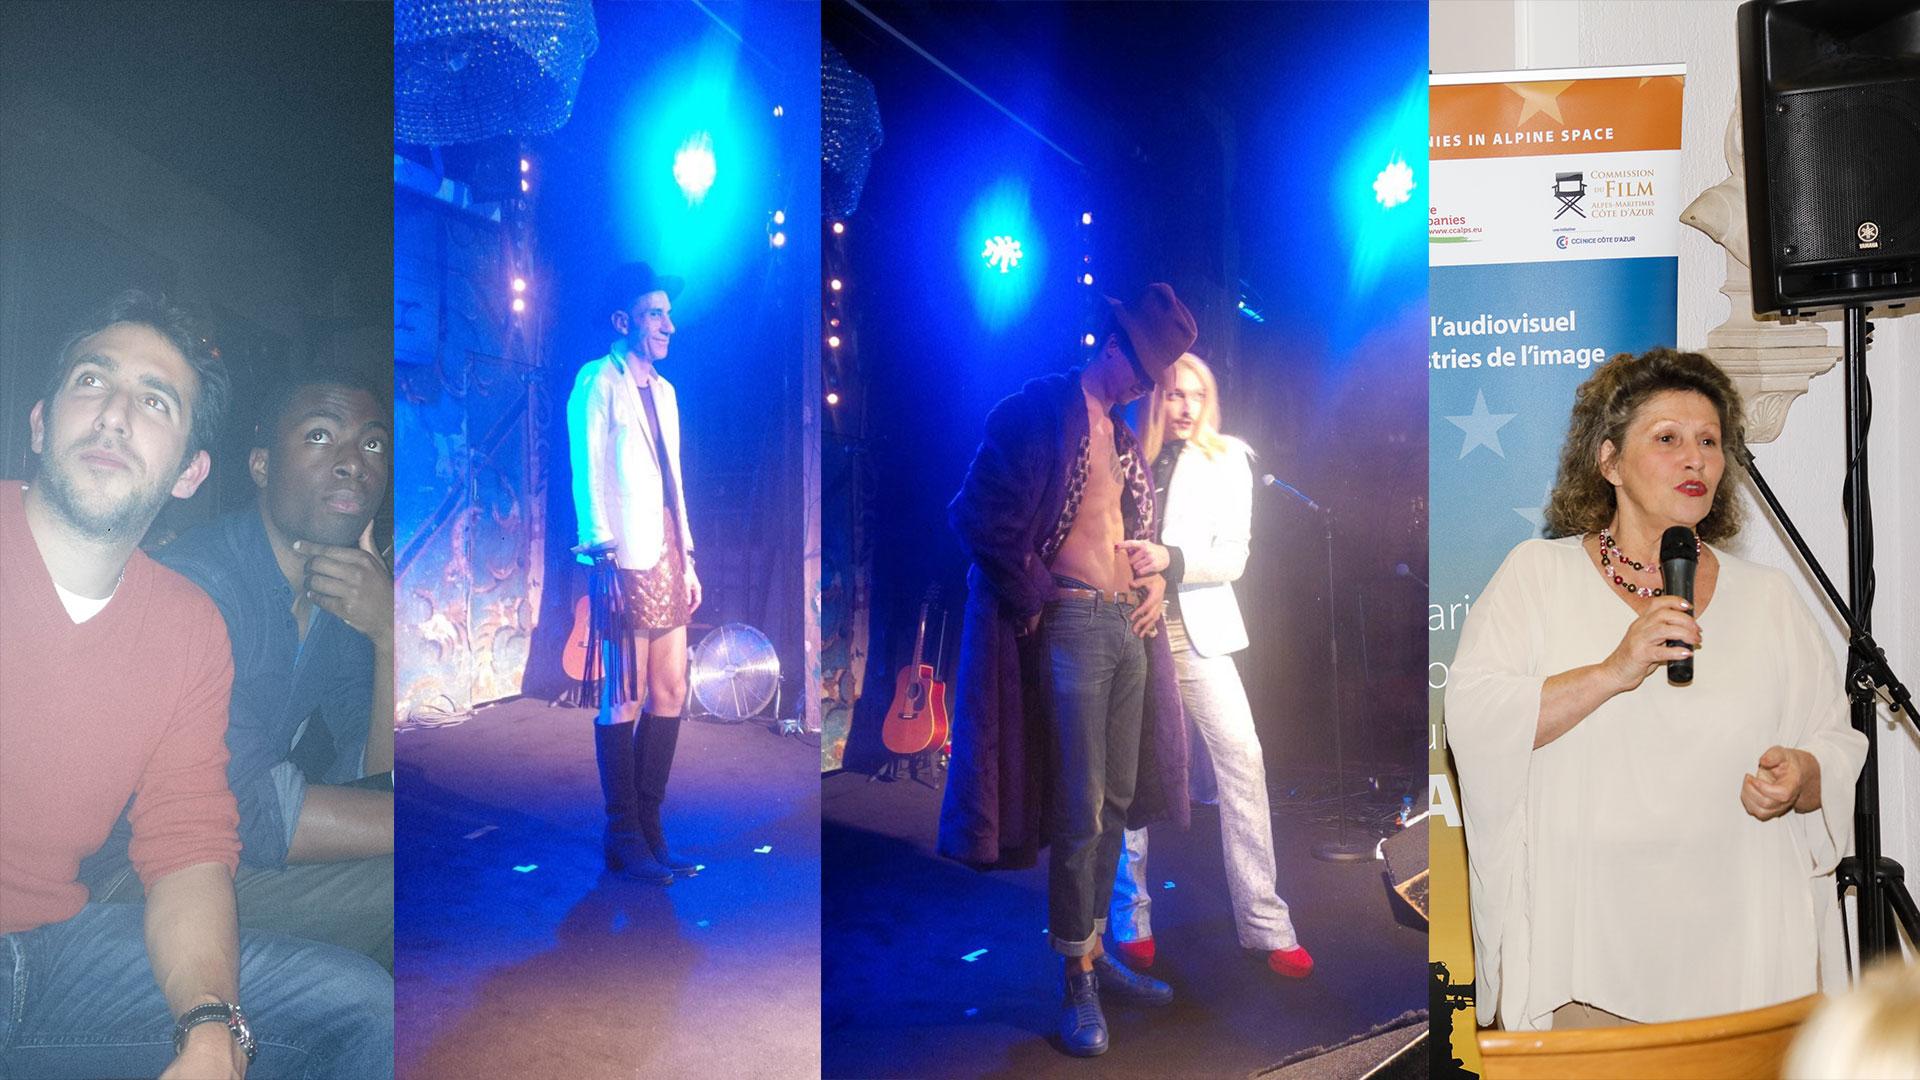 Défilé de mode du styliste Lutin en Folie et du performer Am☆r dans le cadre du prix Zind-Kala-Wasté 2015 - Evelyne Colle co-organisatrice du prix Zind-Kala-Wasté Pub and Clip 2015